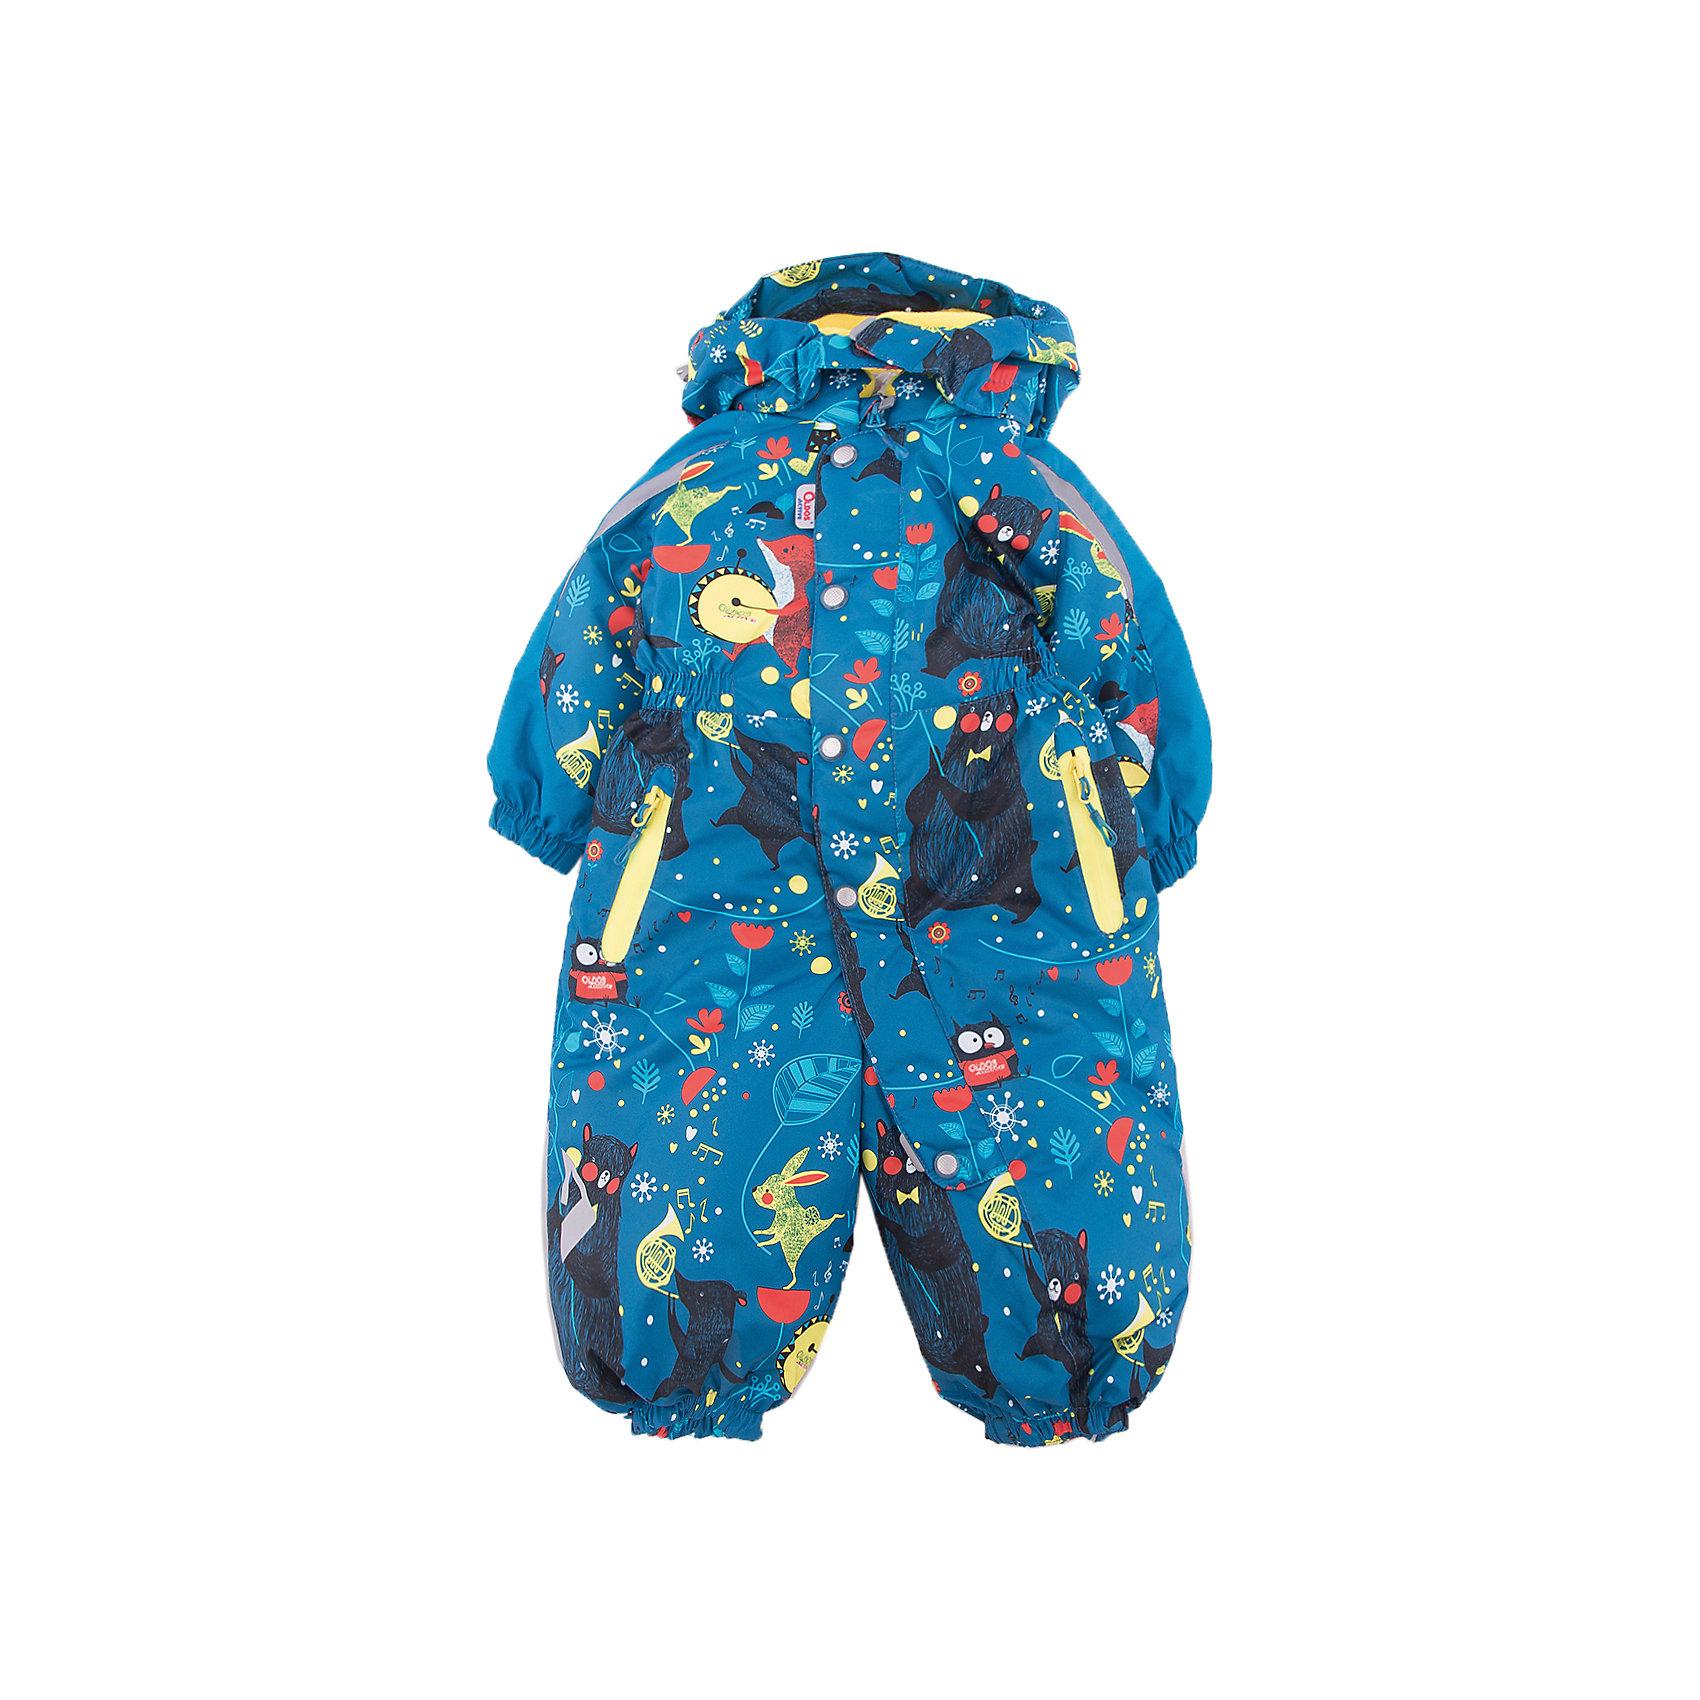 Комбинезон Джаз-Бэнд OLDOS для мальчикаВерхняя одежда<br>Характеристики товара:<br><br>• цвет: голубой<br>• состав ткани: полиэстер, Teflon<br>• подкладка: флис, гладкий полиэстер<br>• утеплитель: Hollofan pro<br>• сезон: зима<br>• мембранное покрытие<br>• температурный режим: от -30 до +5<br>• водонепроницаемость: 5000 мм <br>• паропроницаемость: 5000 г/м2<br>• плотность утеплителя: 200 г/м2<br>• застежка: молния<br>• капюшон: без меха, съемный<br>• силиконовые штрипки<br>• в комплекте флисовый комбинезон<br>• страна бренда: Россия<br>• страна изготовитель: Россия<br><br>Теплый комбинезон для ребенка продается в комплекте с мягким флисовым комбинезоном. В детском комбинезоне гипоаллергенный утеплитель - он тоньше обычного, но лучше удерживает тепло. Мембранный комбинезон Oldos рассчитан даже на сильные морозы. Непромокаемый и непродуваемый верх комбинезона создает комфортный для ребенка микроклимат. <br><br>Комбинезон Джаз-Бэнд Oldos (Олдос) для мальчика можно купить в нашем интернет-магазине.<br><br>Ширина мм: 356<br>Глубина мм: 10<br>Высота мм: 245<br>Вес г: 519<br>Цвет: голубой<br>Возраст от месяцев: 18<br>Возраст до месяцев: 24<br>Пол: Мужской<br>Возраст: Детский<br>Размер: 92,80,86<br>SKU: 7015784